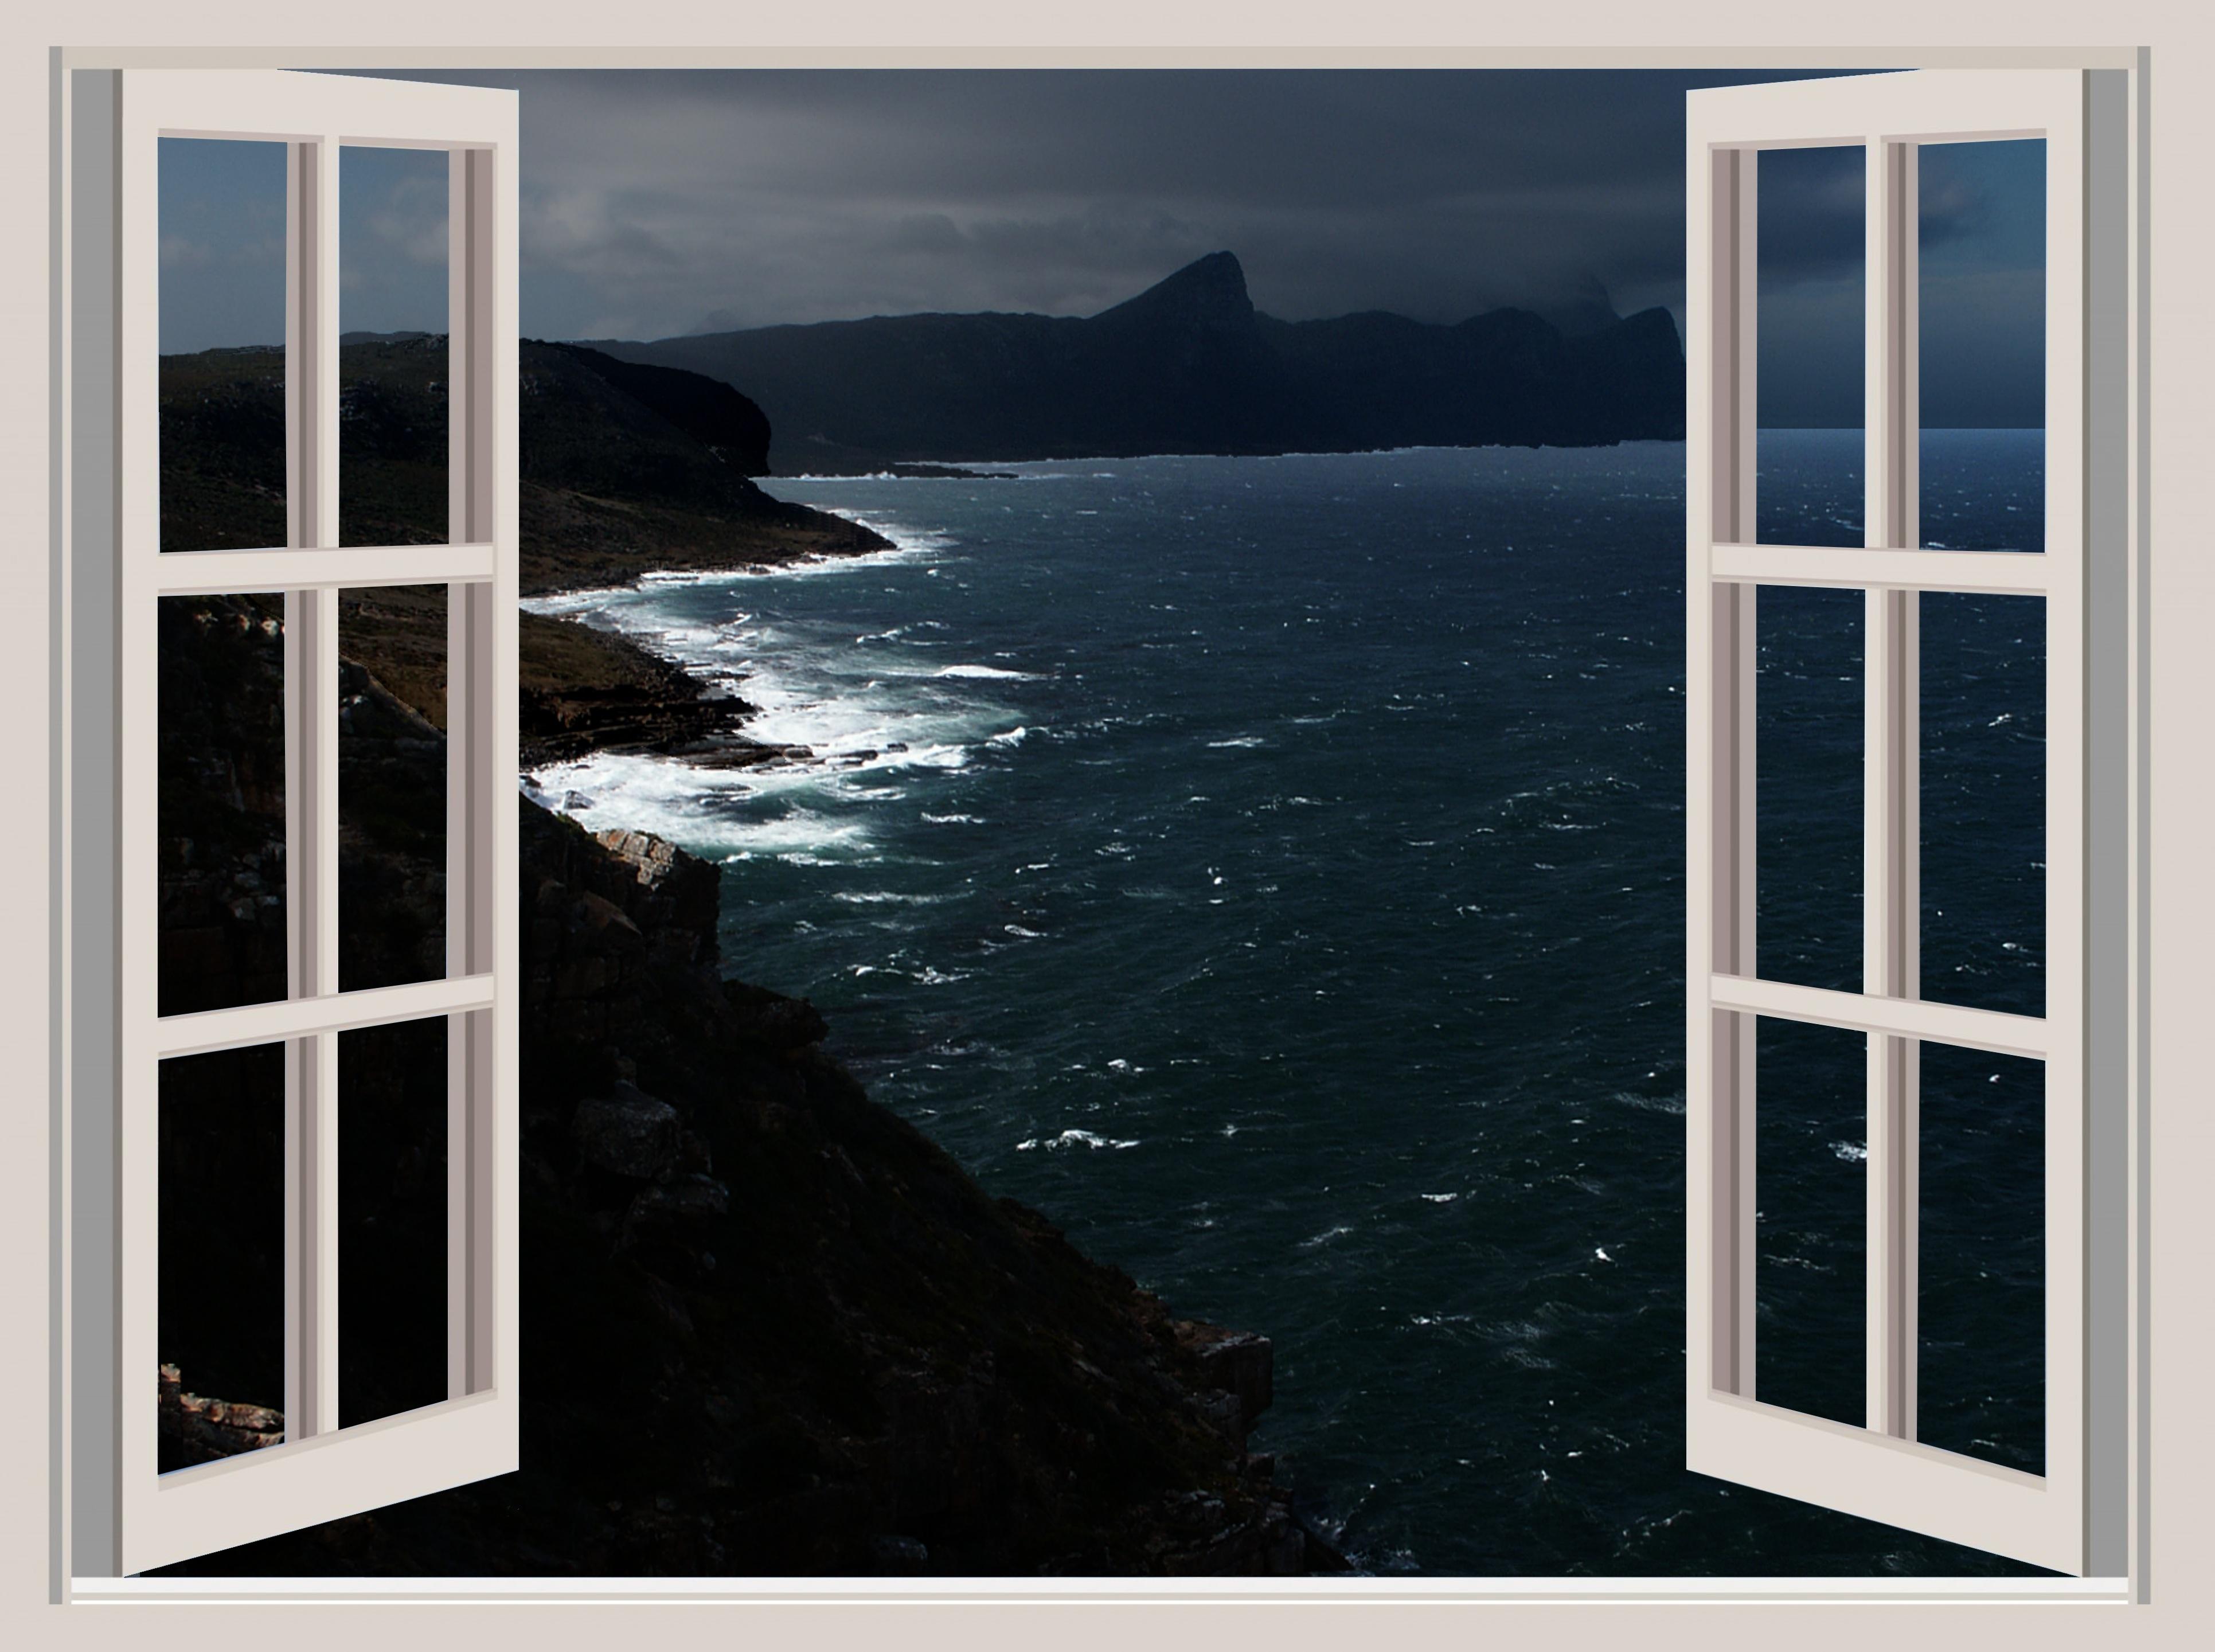 Immagini belle paesaggio mare costa cielo casa onda for Immagini design